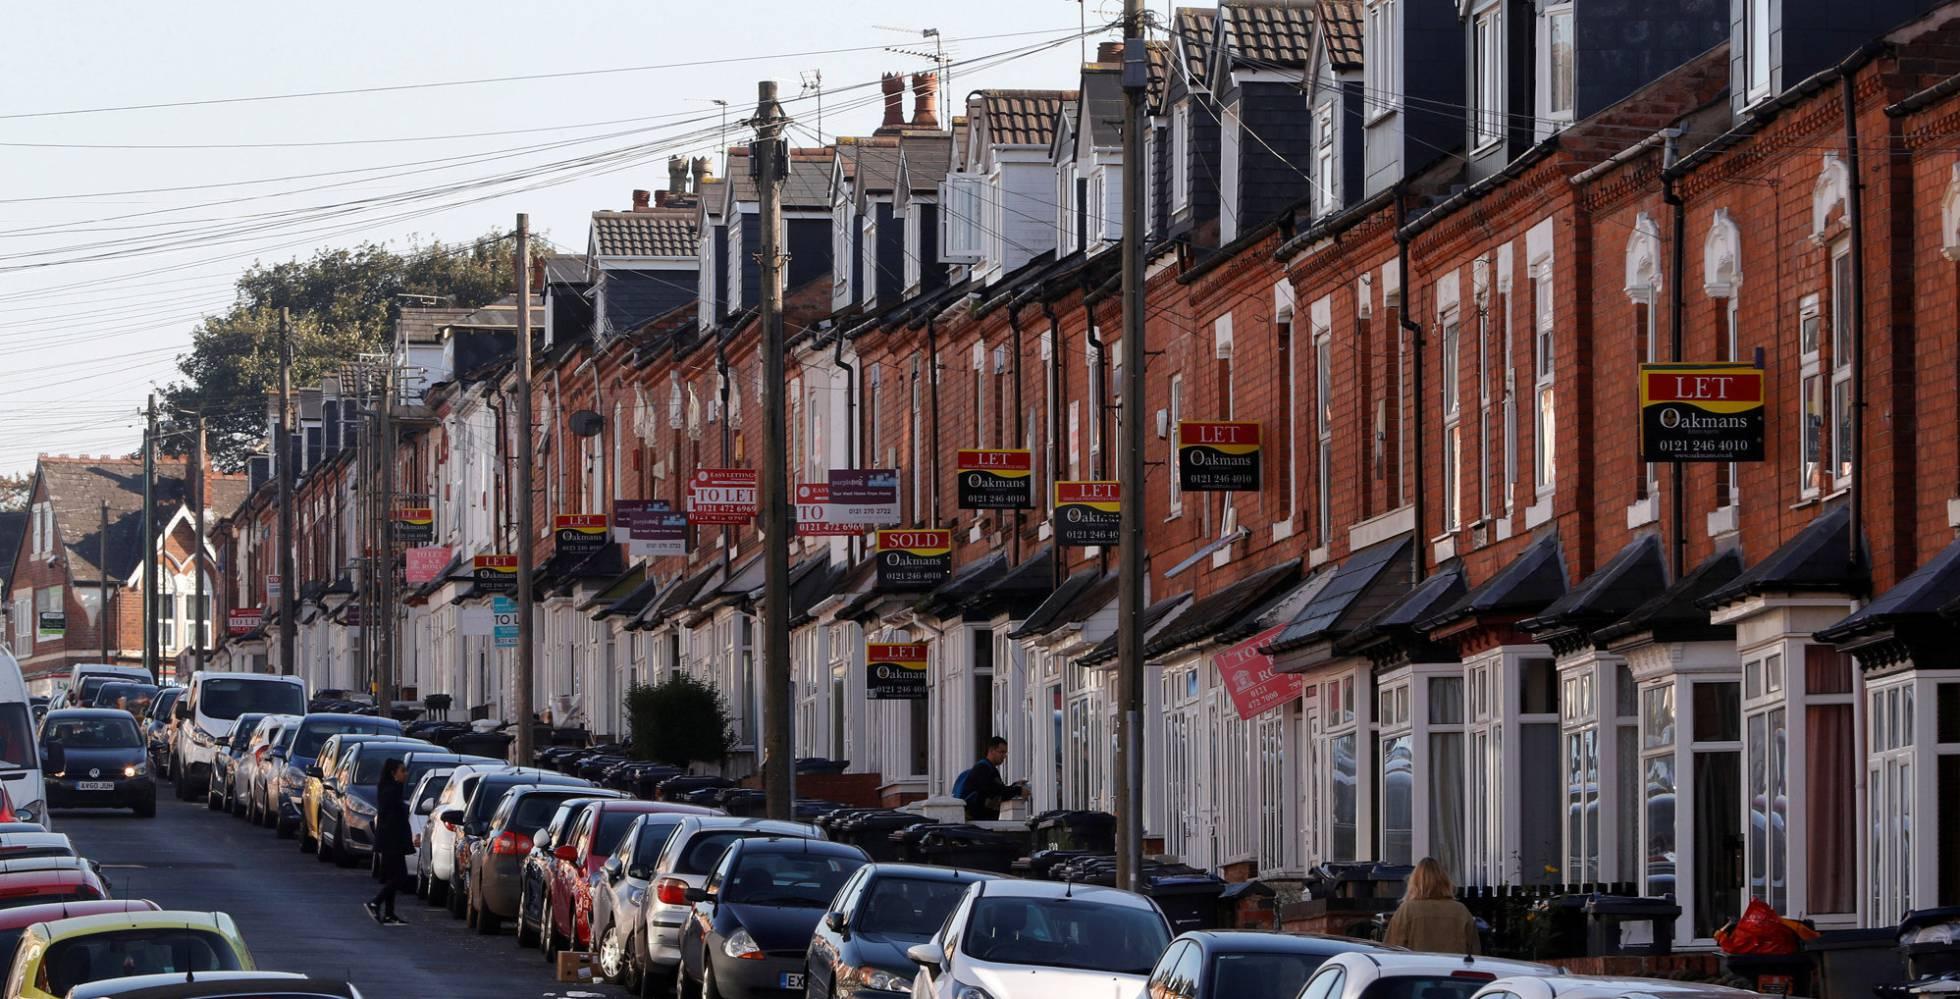 Un Brexit sin acuerdo hundiría el precio de la vivienda en Reino Unido